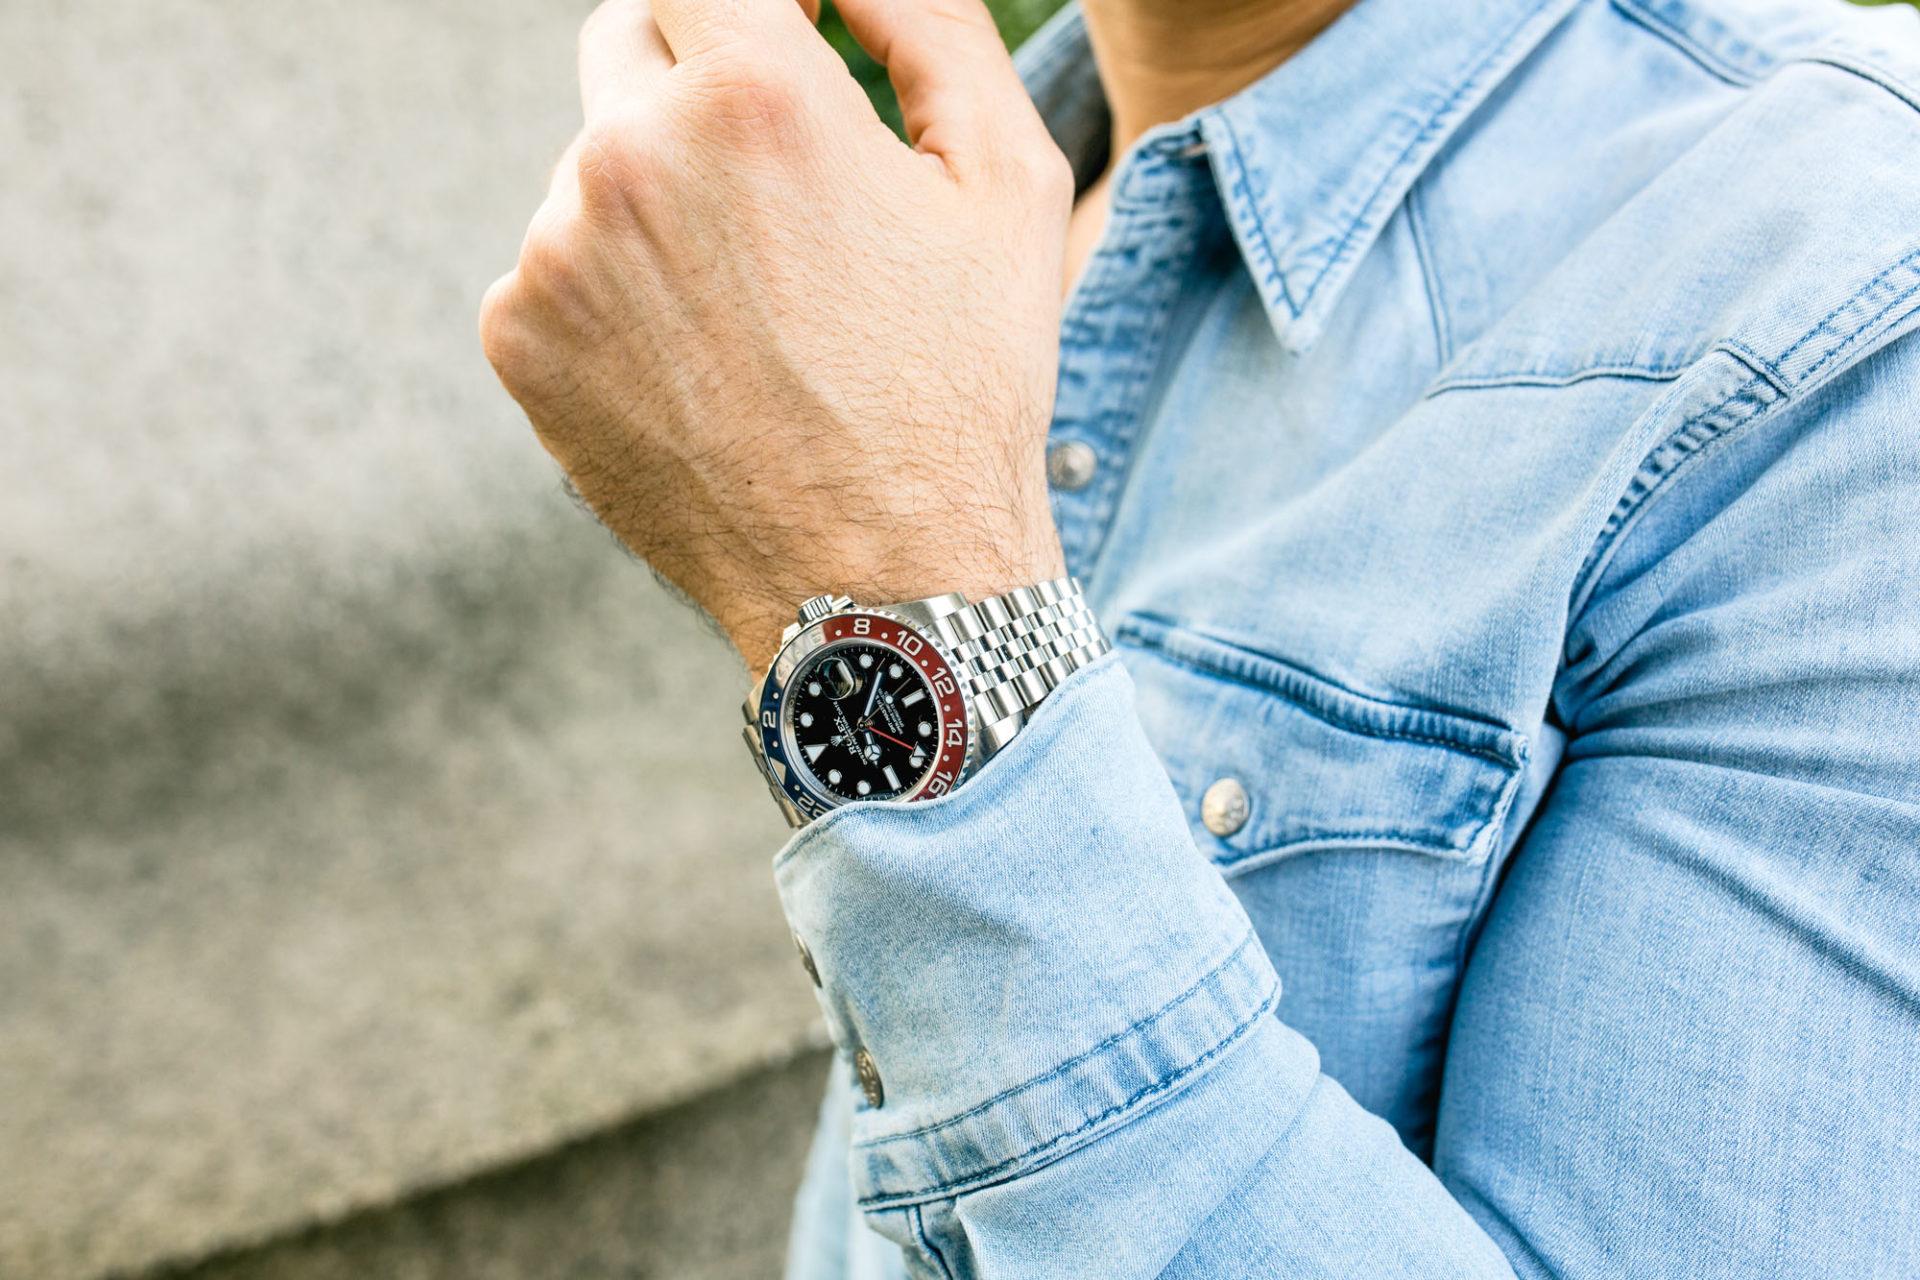 Rolex GMT-Master II Ref 126710BLRO - Style